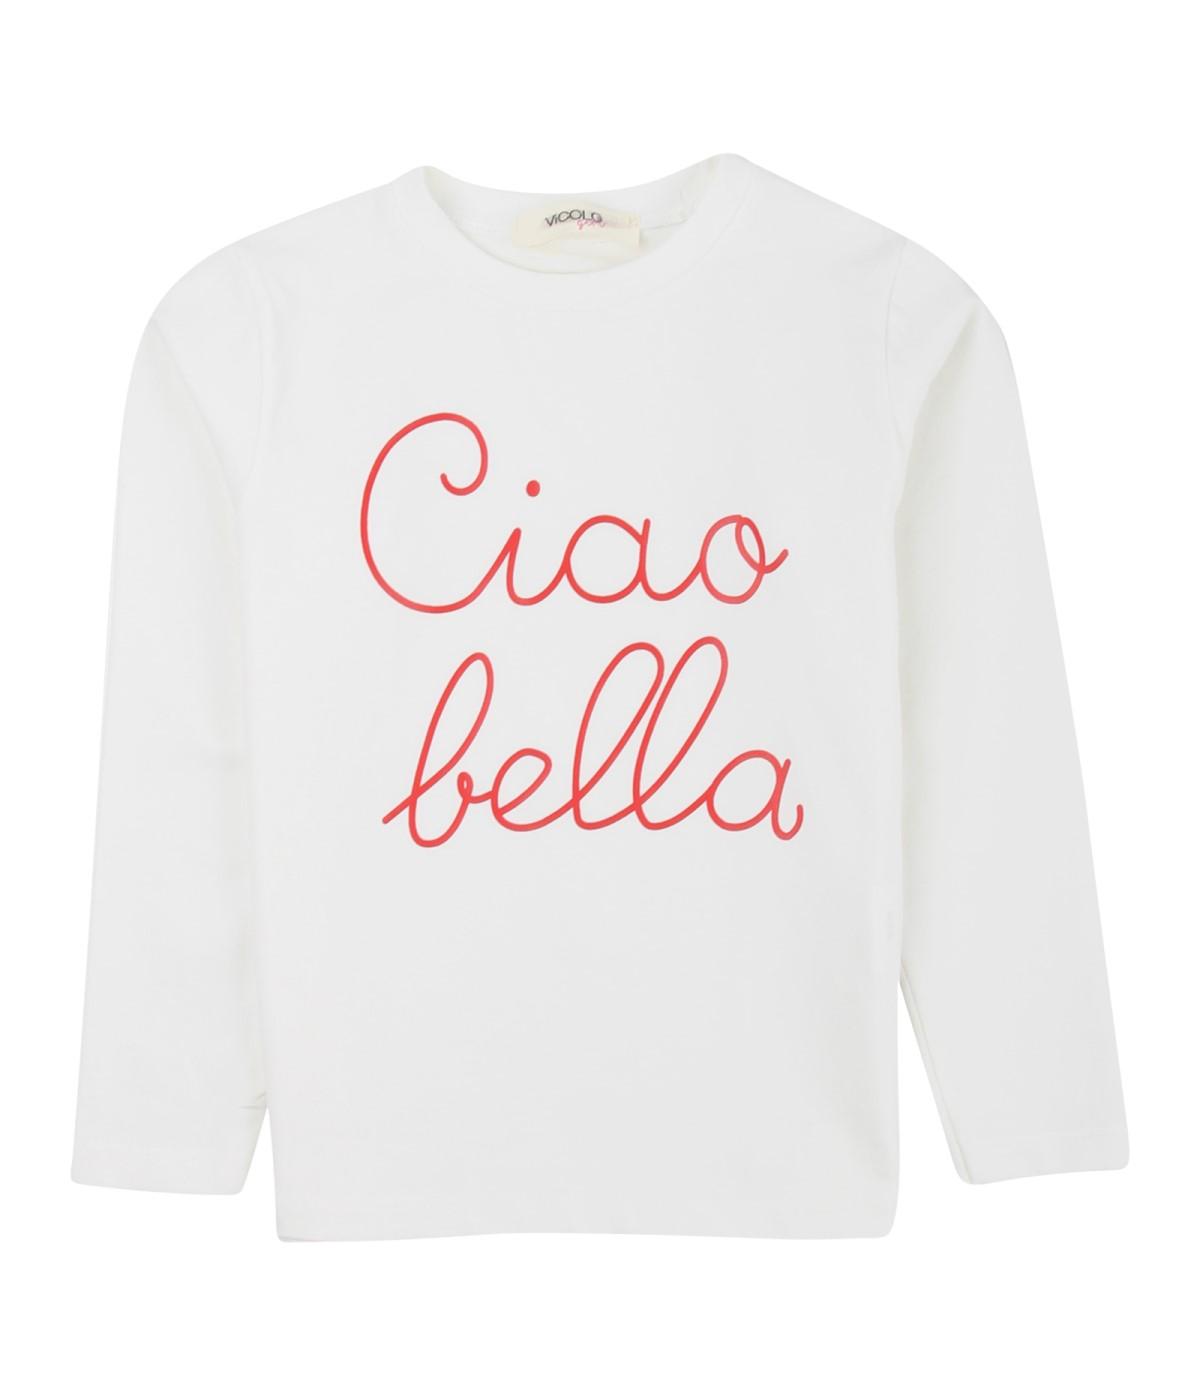 VICOLO GIRL T-SHIRT BAMBINA BIANCA CIAO BELLA DA 4 A 14 ANNI